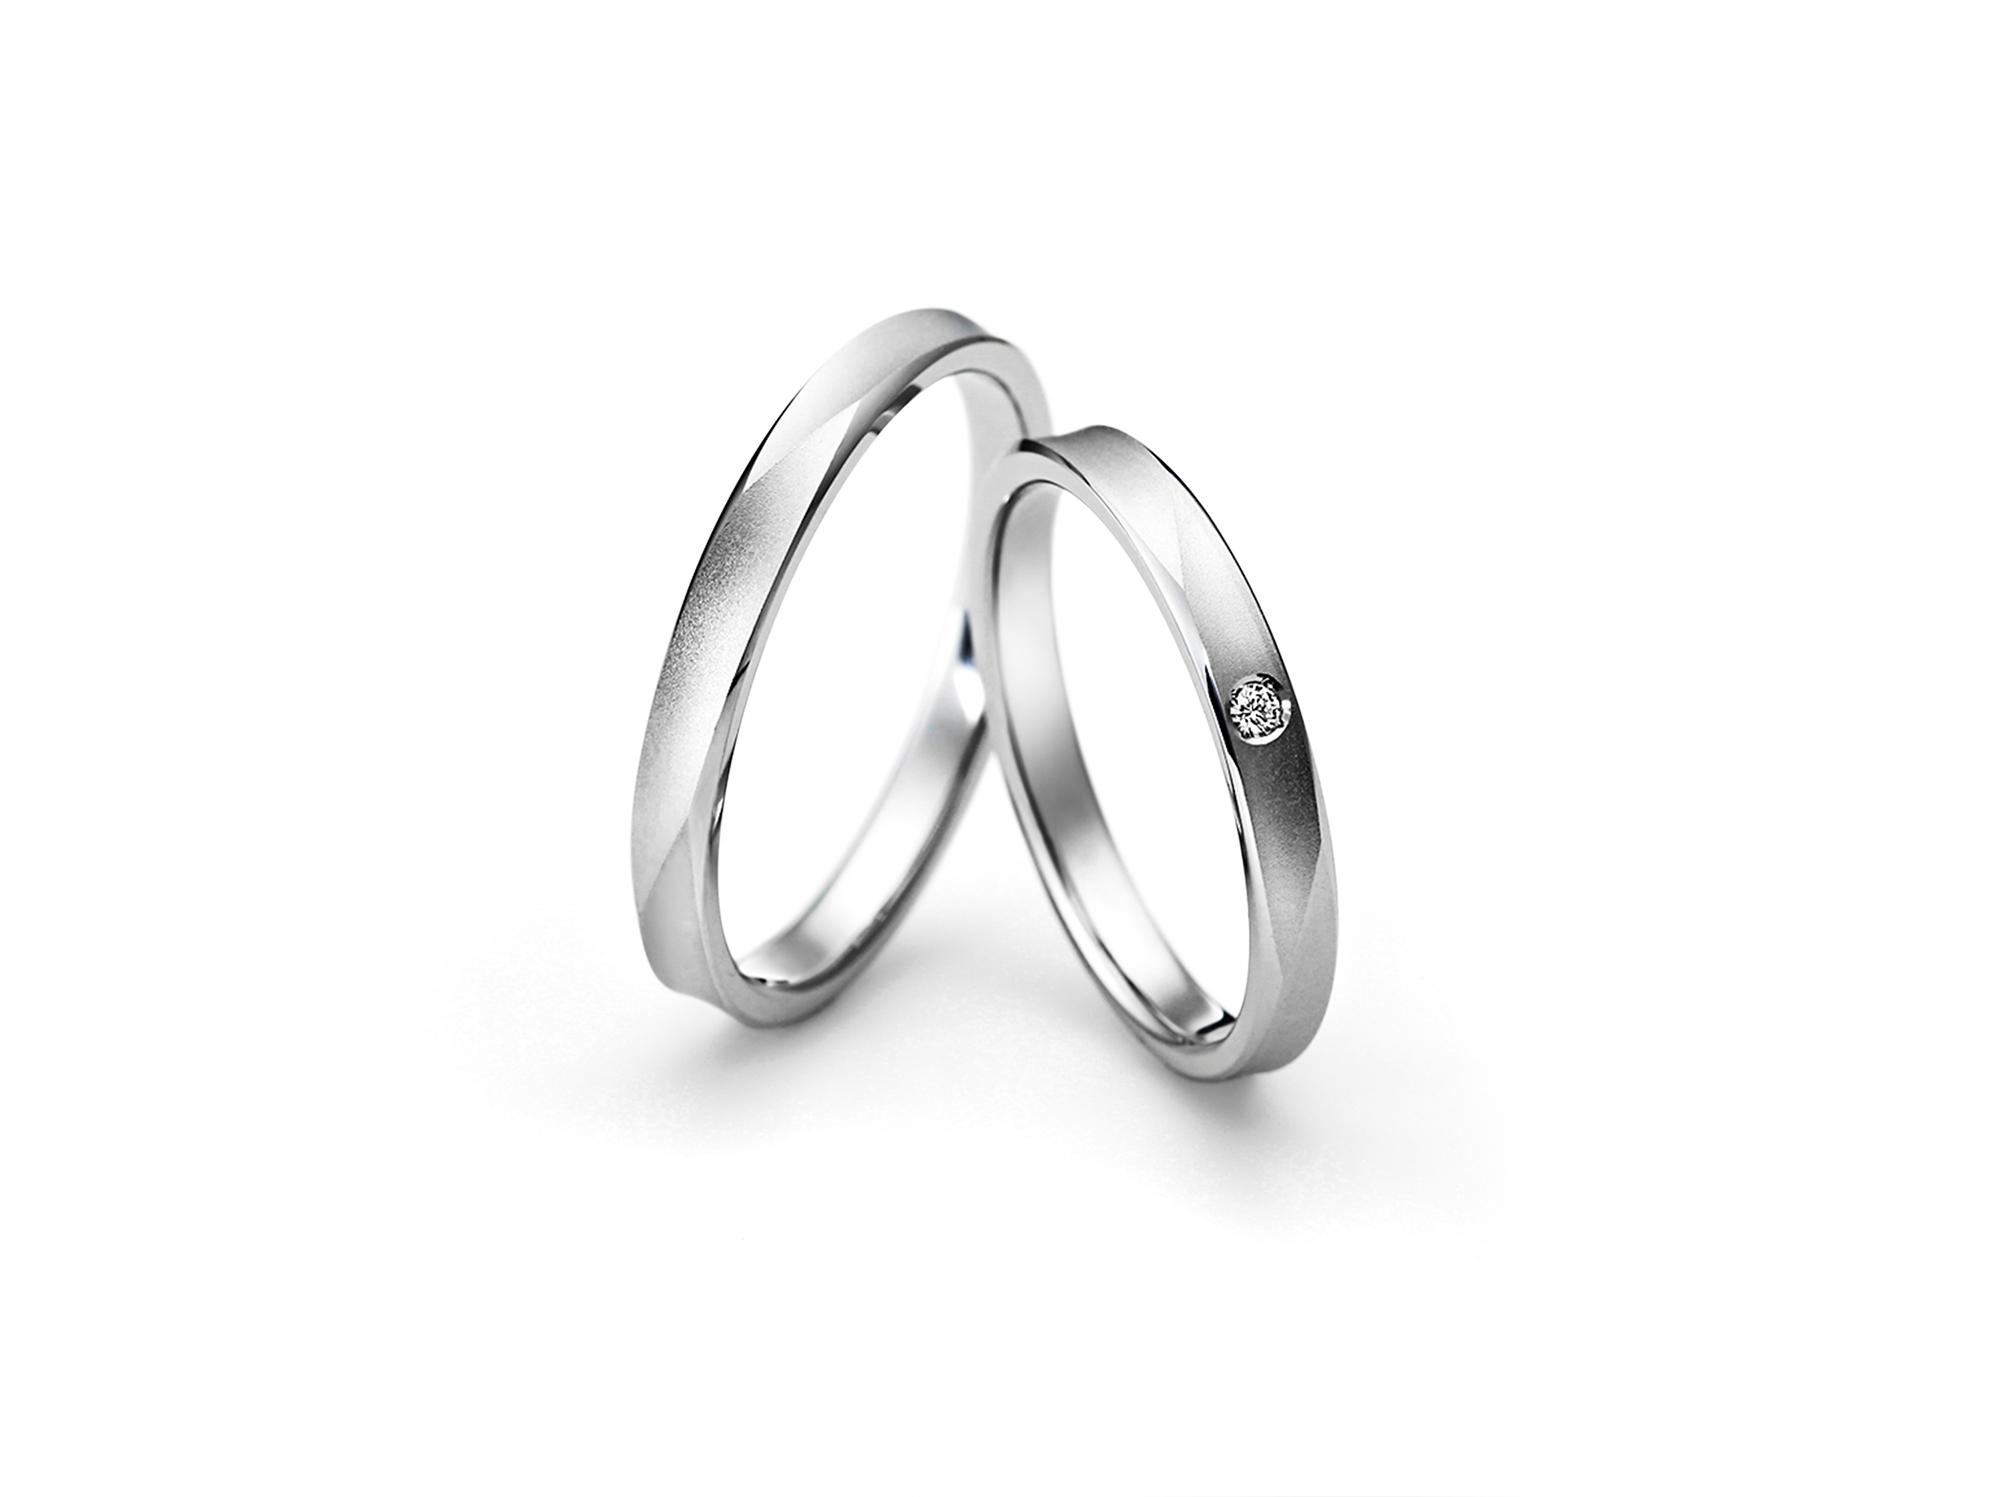 ラザールダイヤモンド結婚指輪